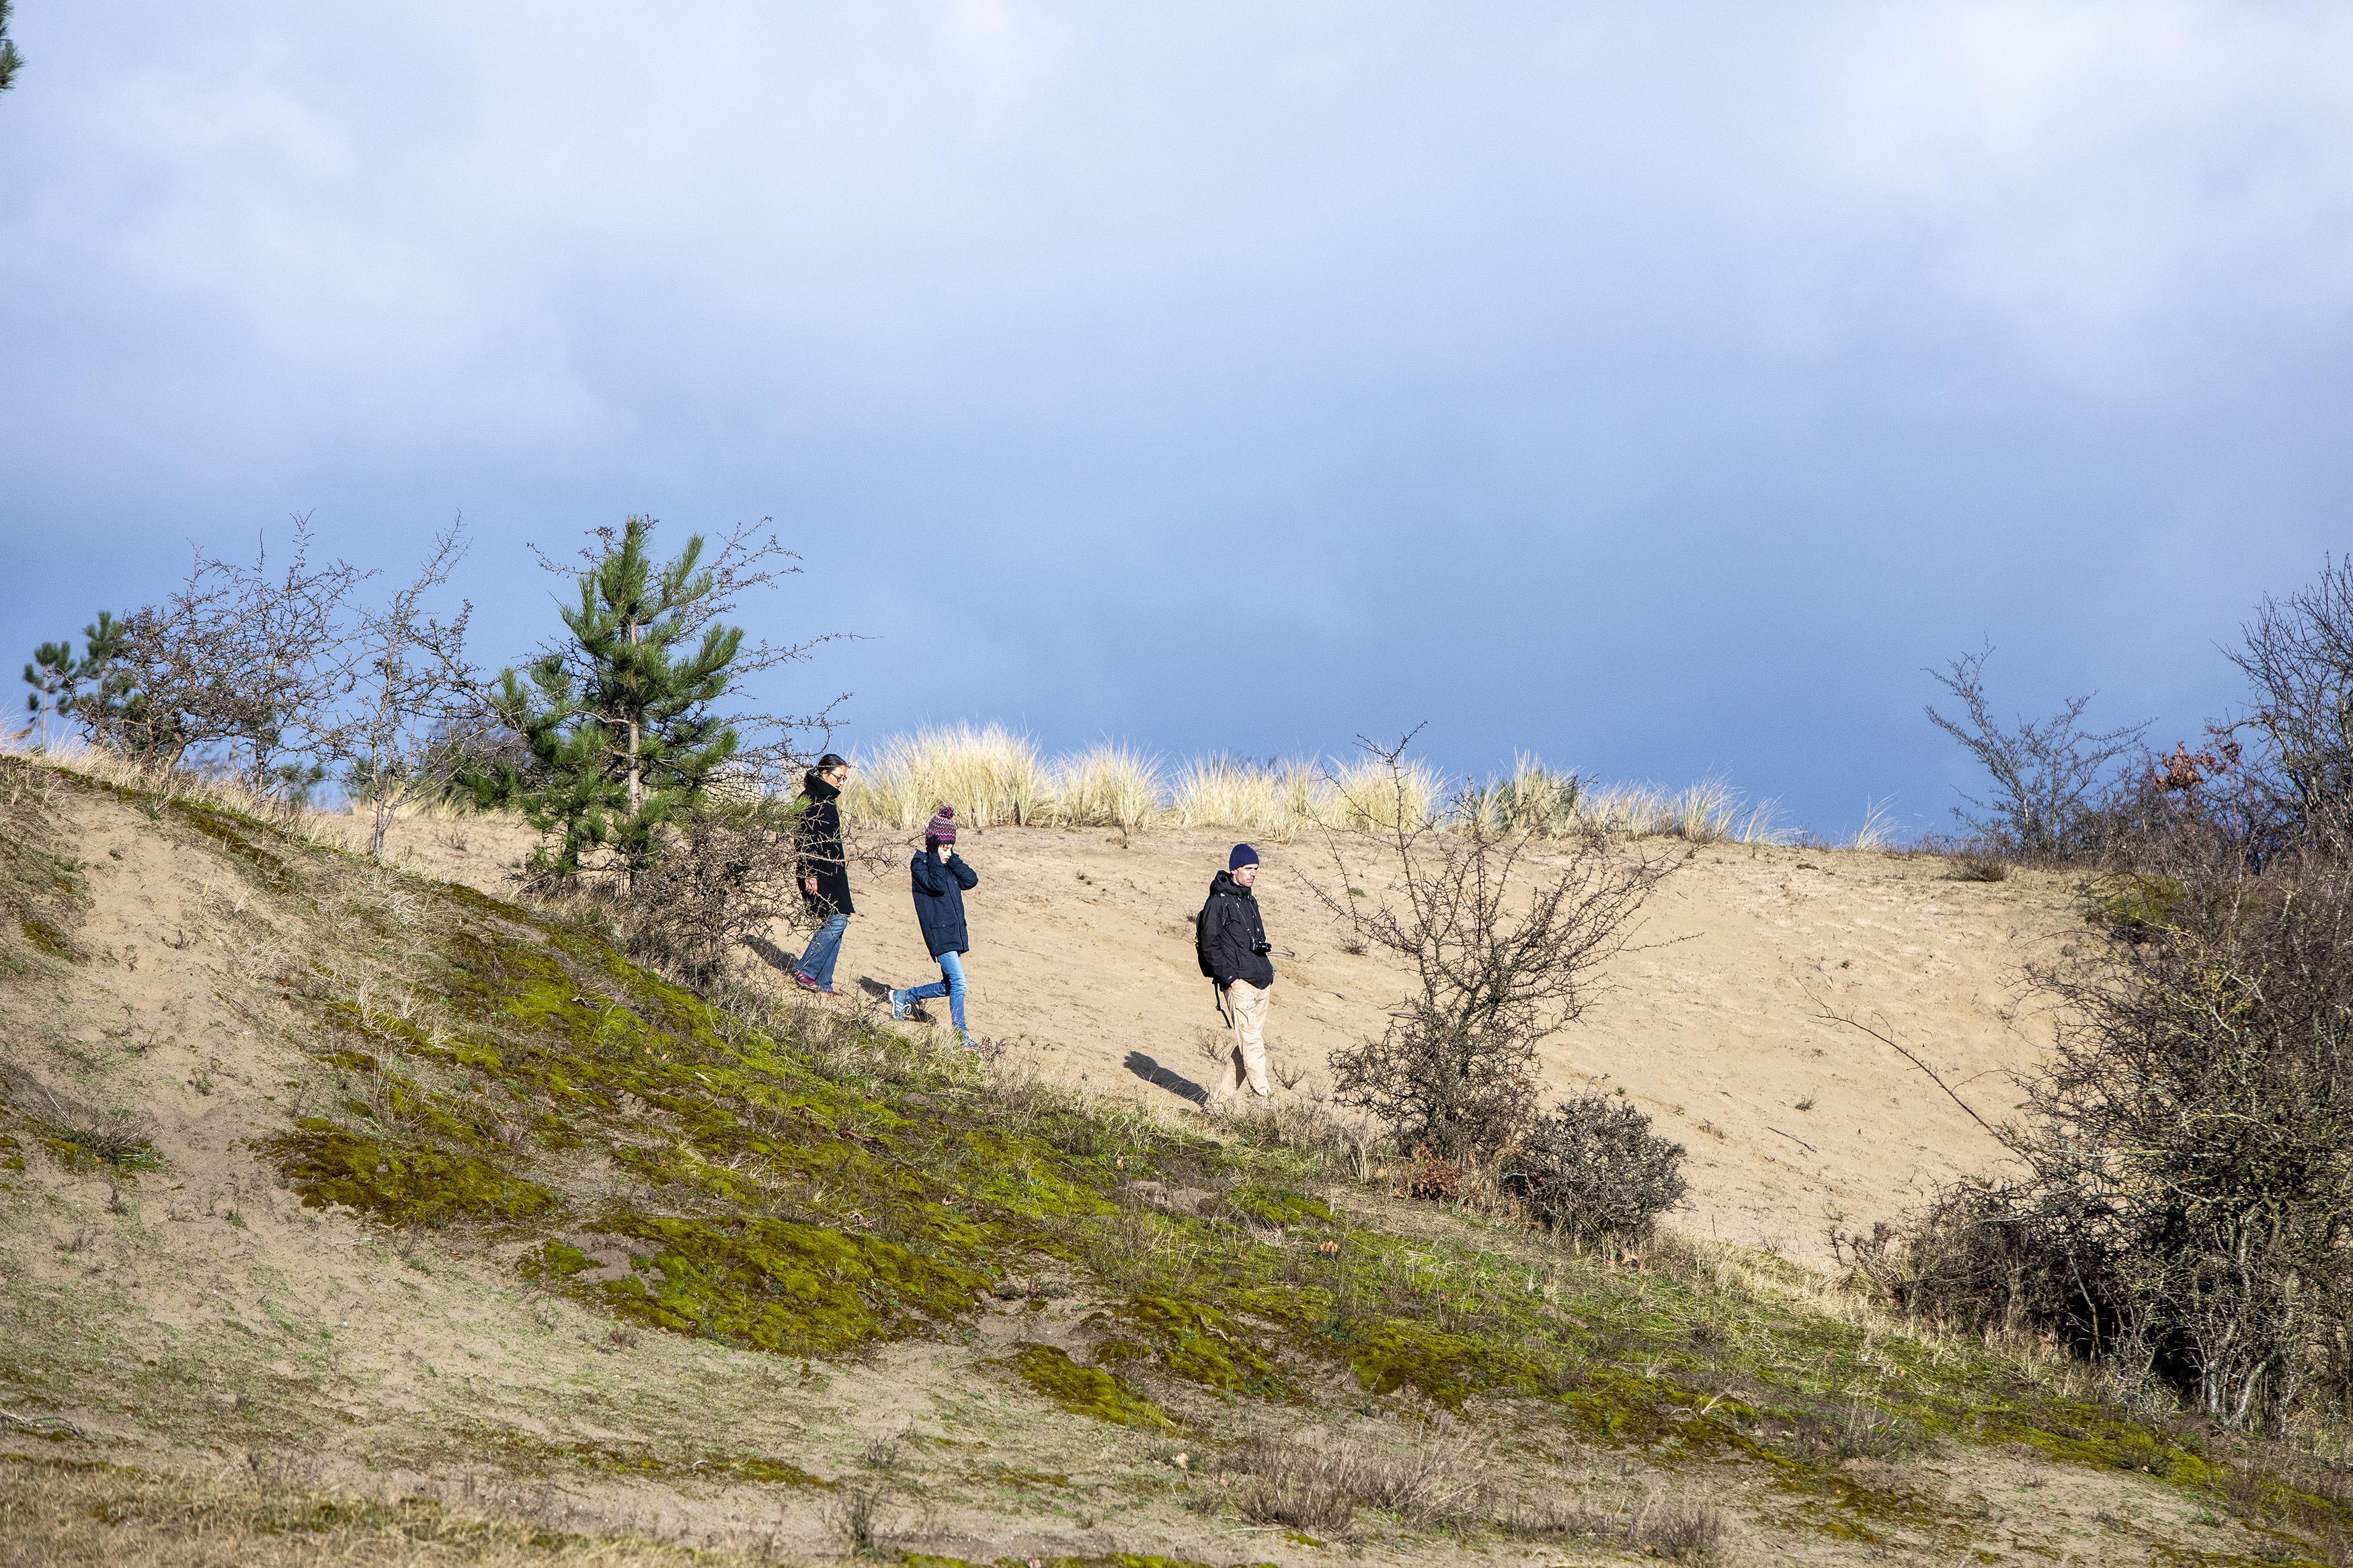 Stichting Duinbehoud bezorgd over naderend broedseizoen, nu veel bezoekers buiten de paden wandelen